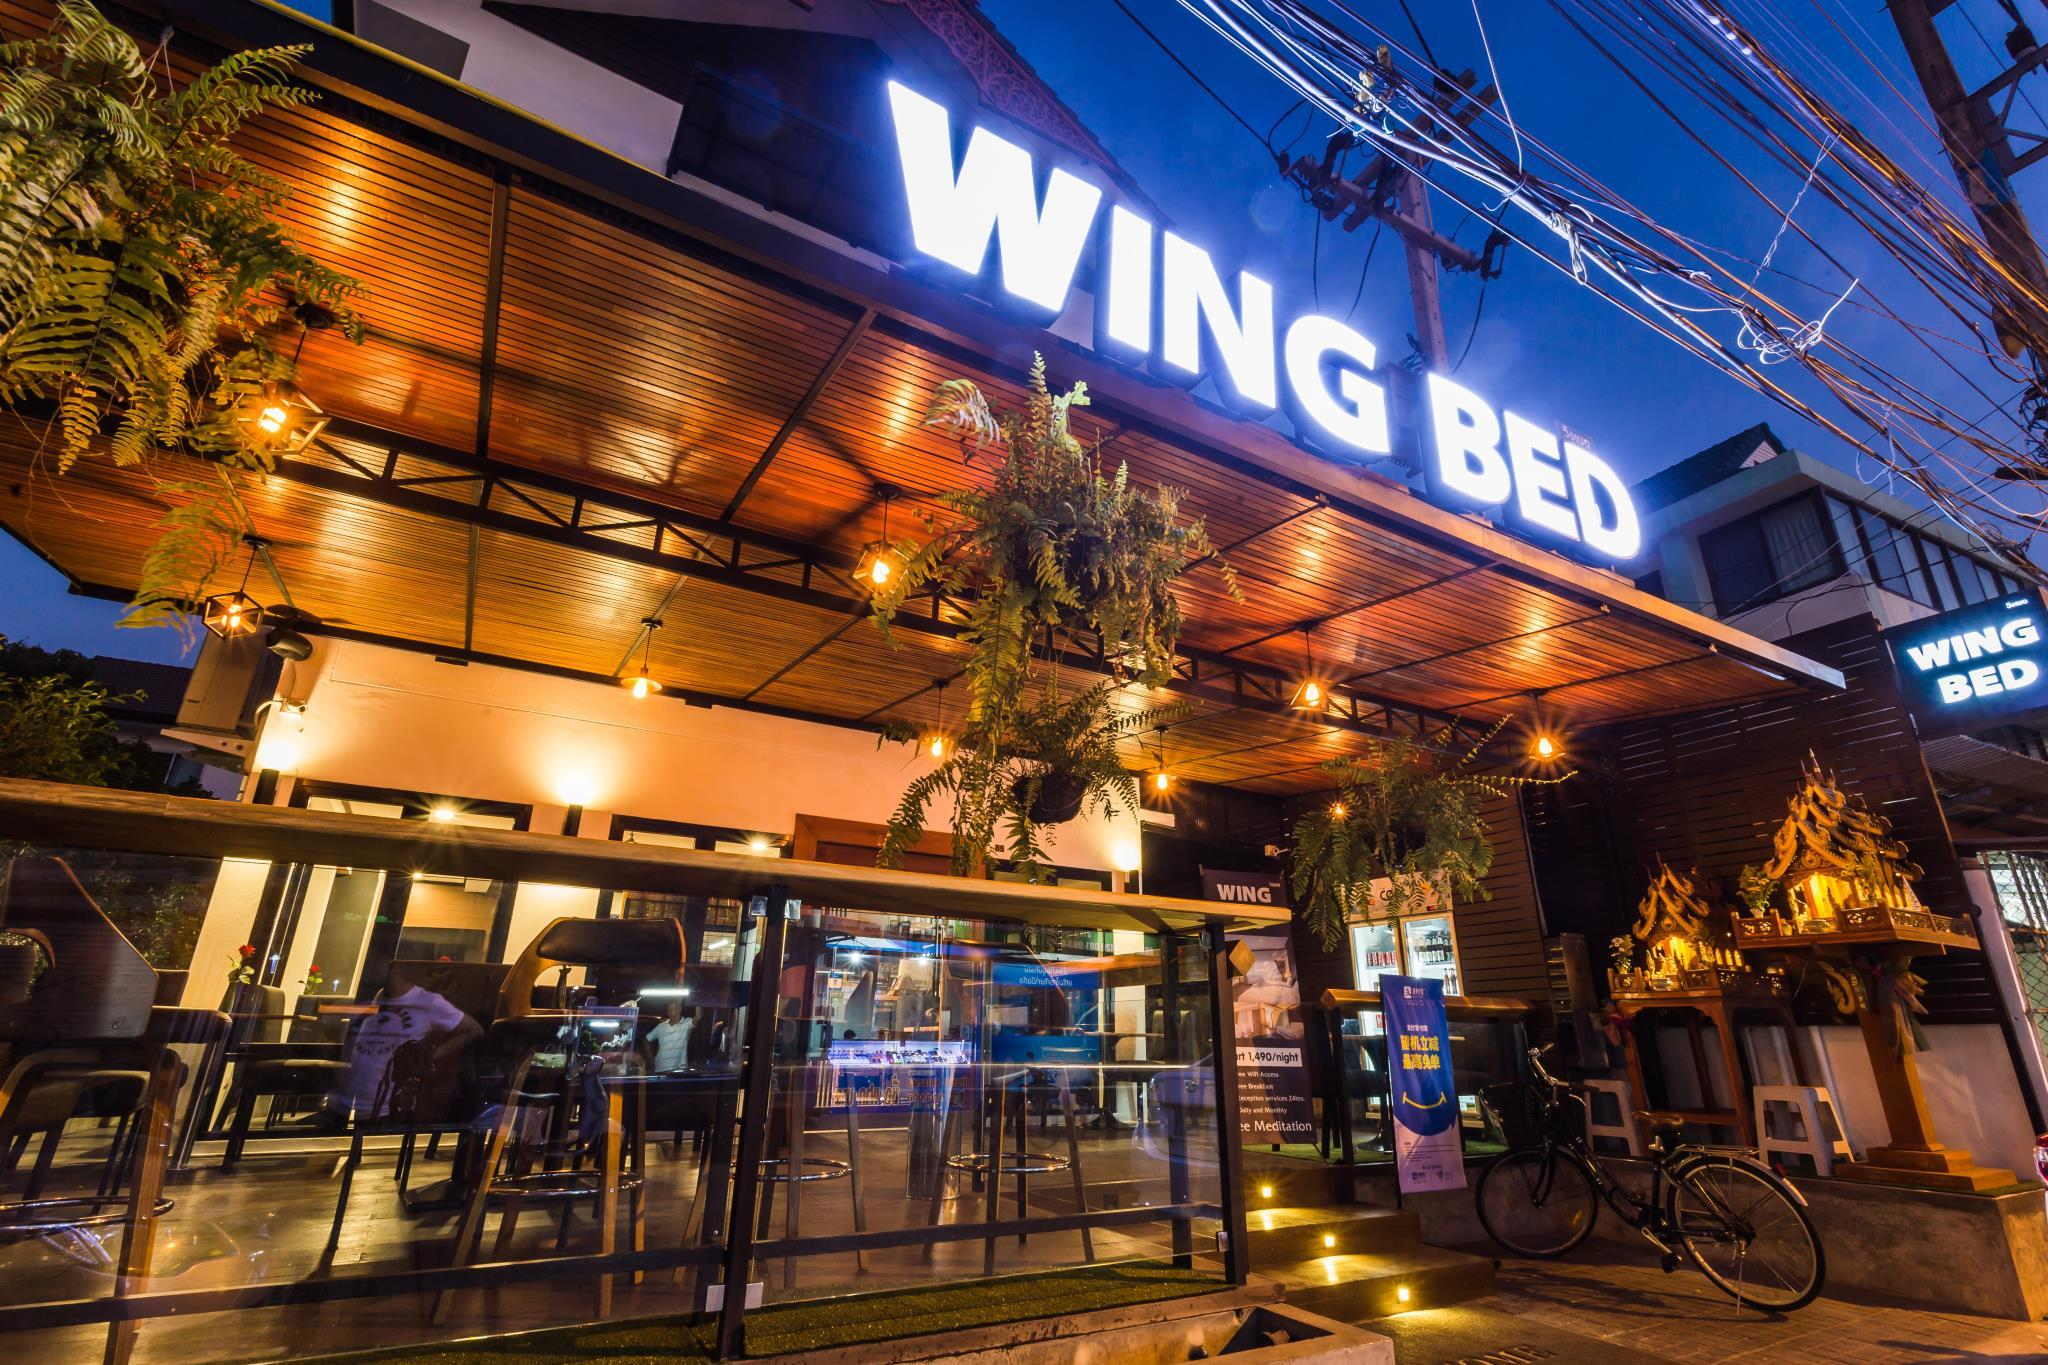 Wing Bed,วิง เบด